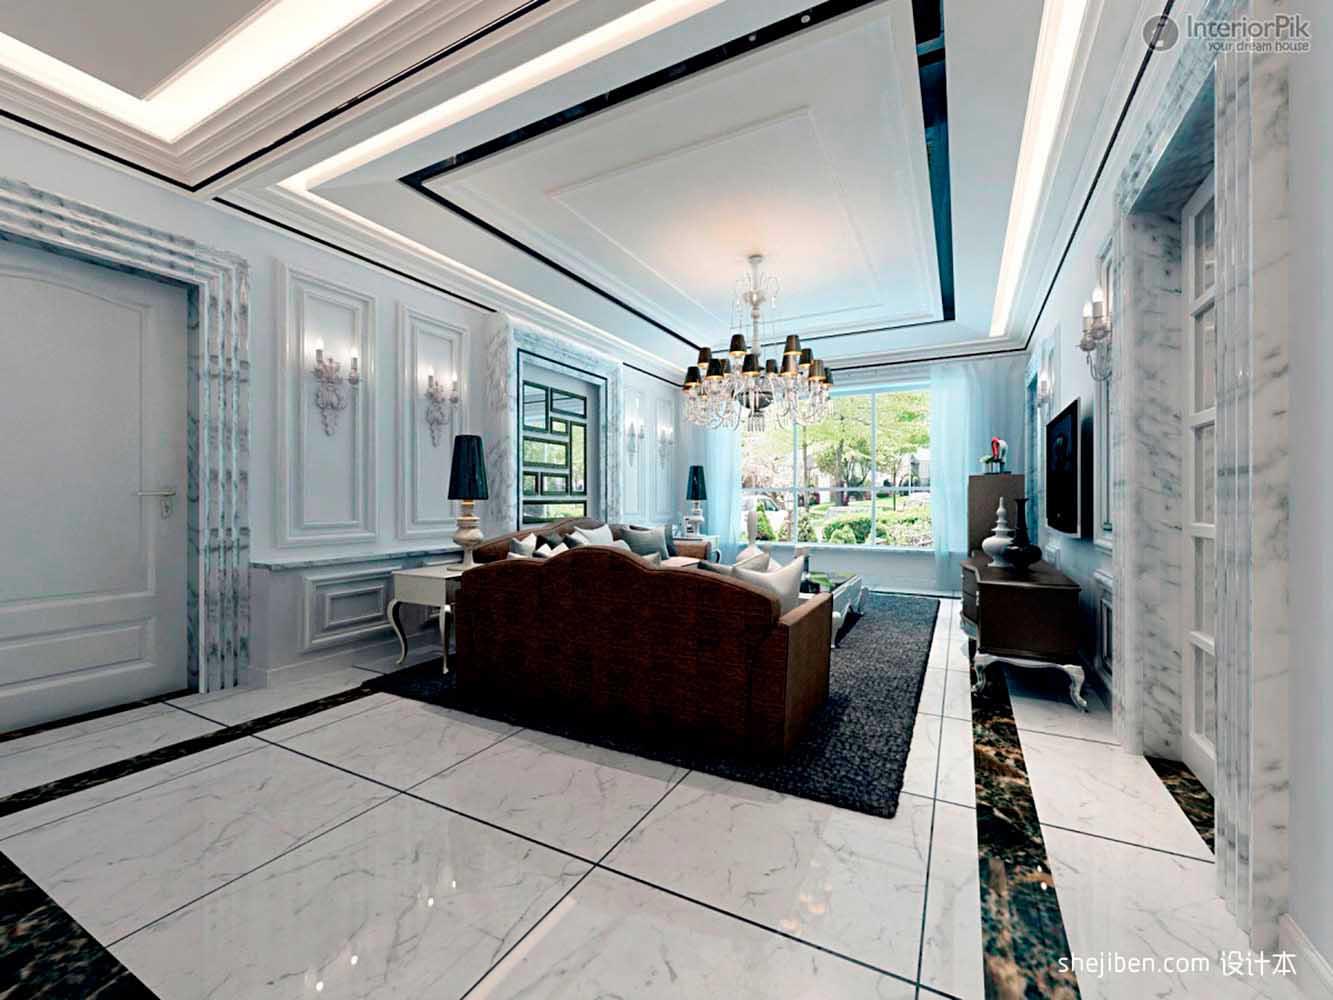 Drywall - Quartos fantásticos + Fotos + Projetos